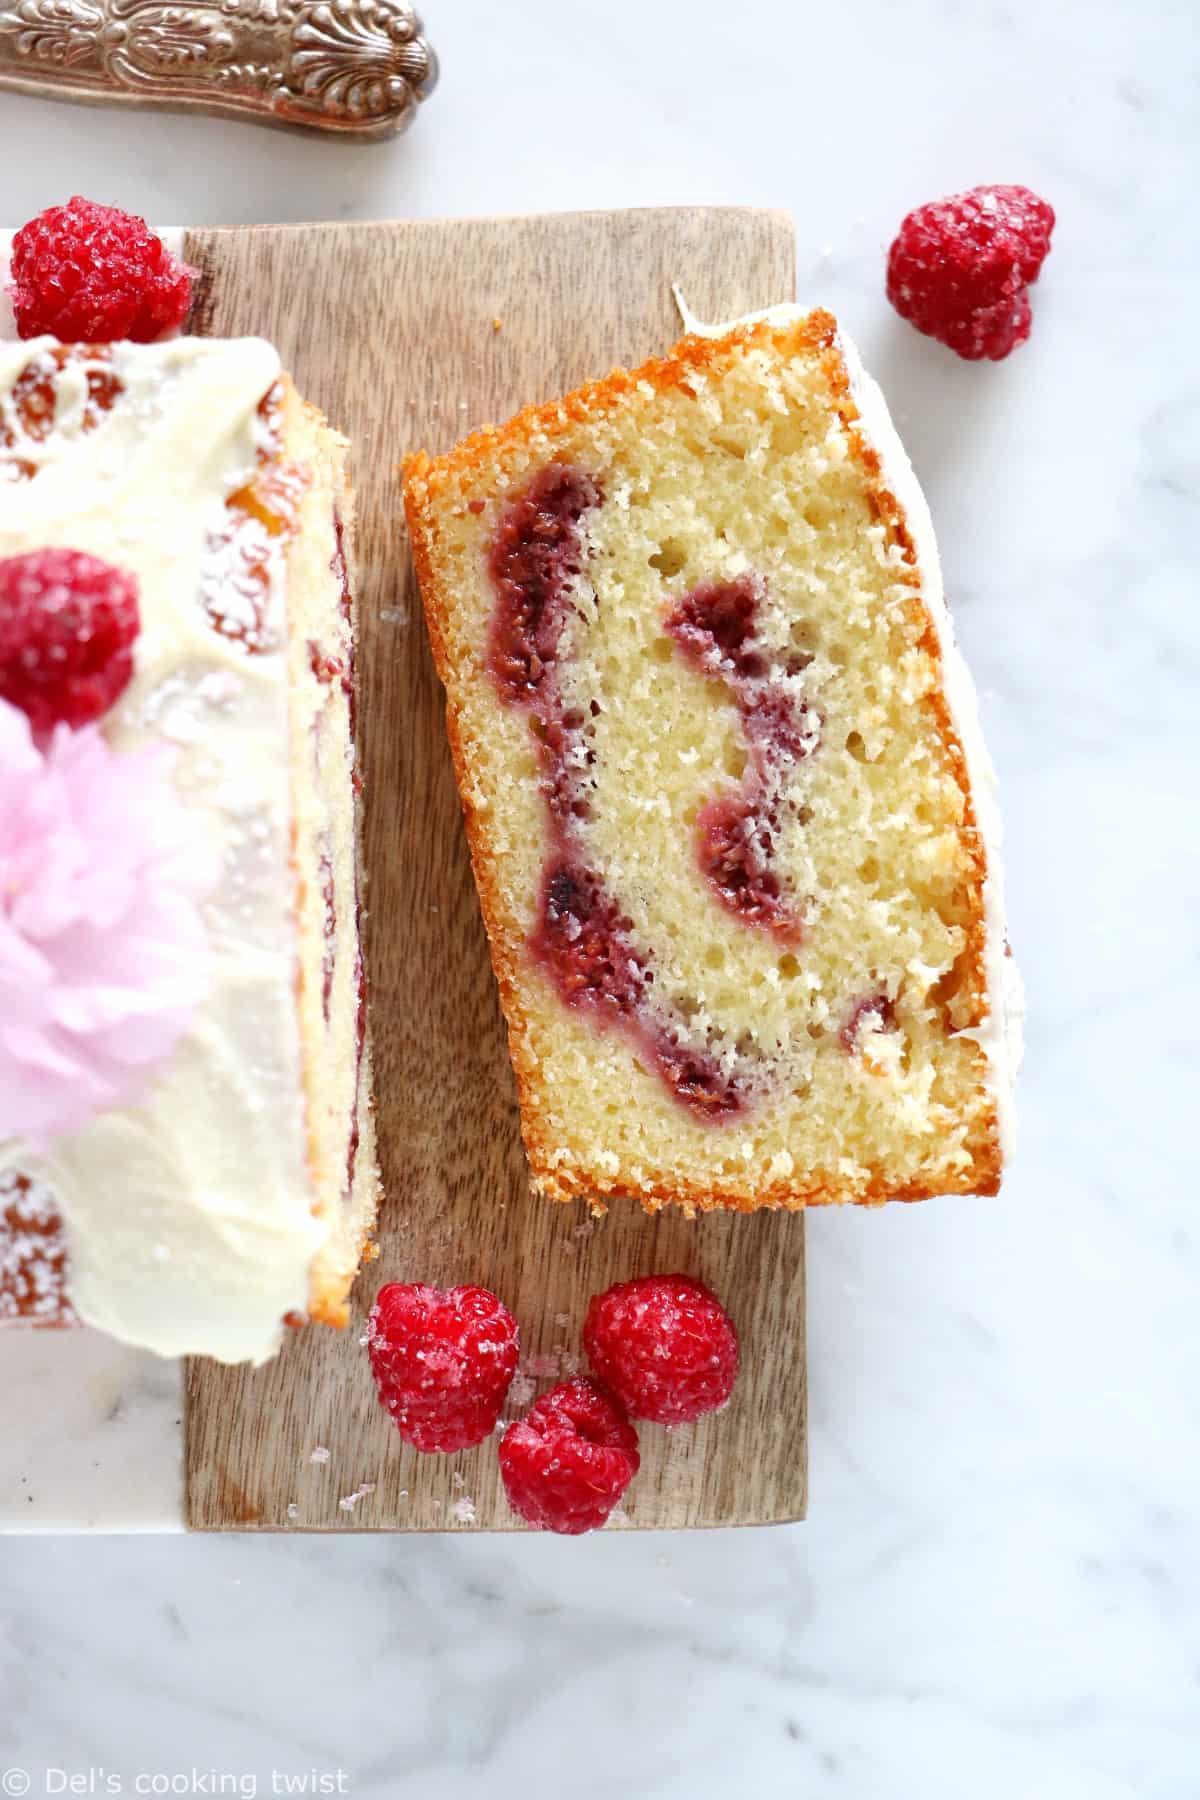 Avec ses saveurs douces et acidulées, ce cake marbré framboise et chocolat blanc est délicieusement parfumé.